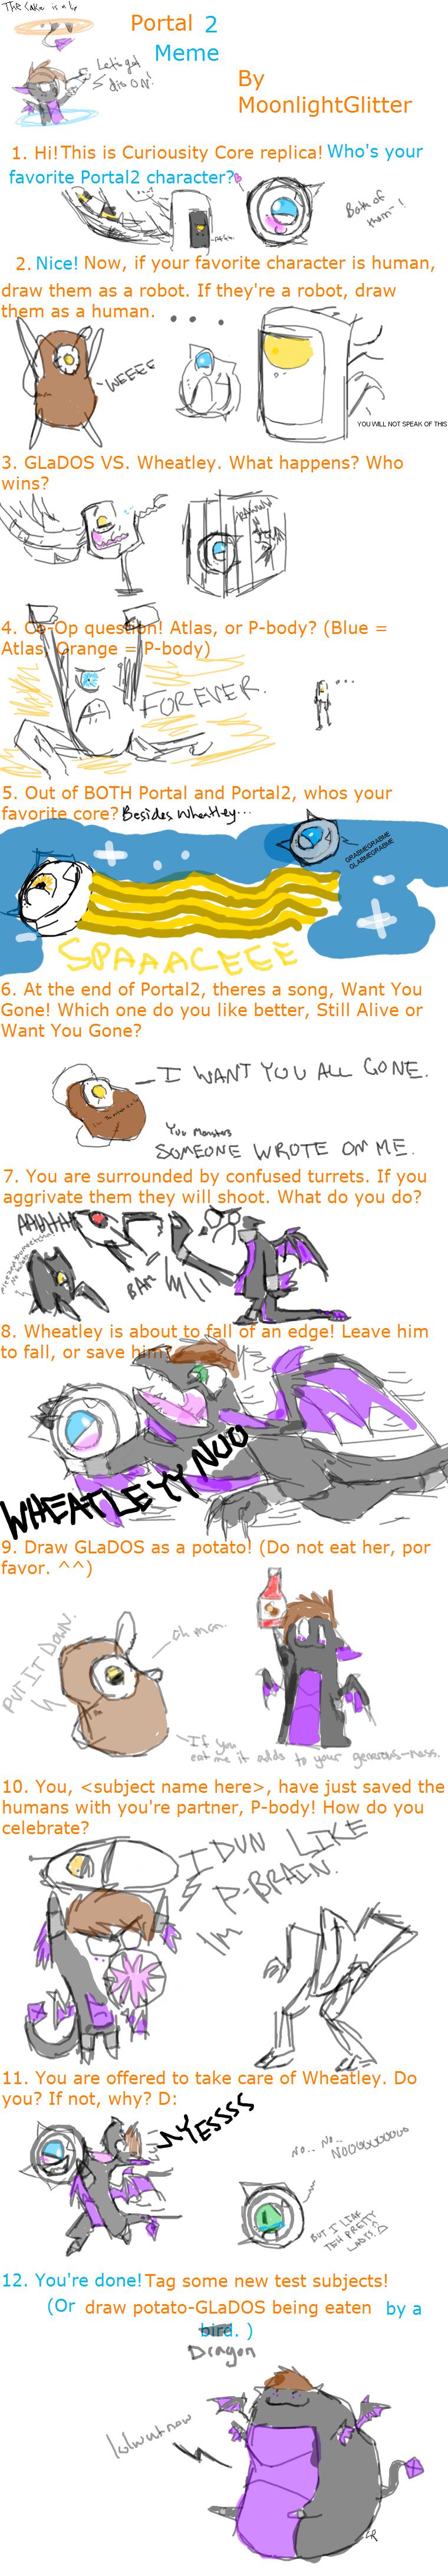 Portal 2 Meme LAWL by Urnam-BOT